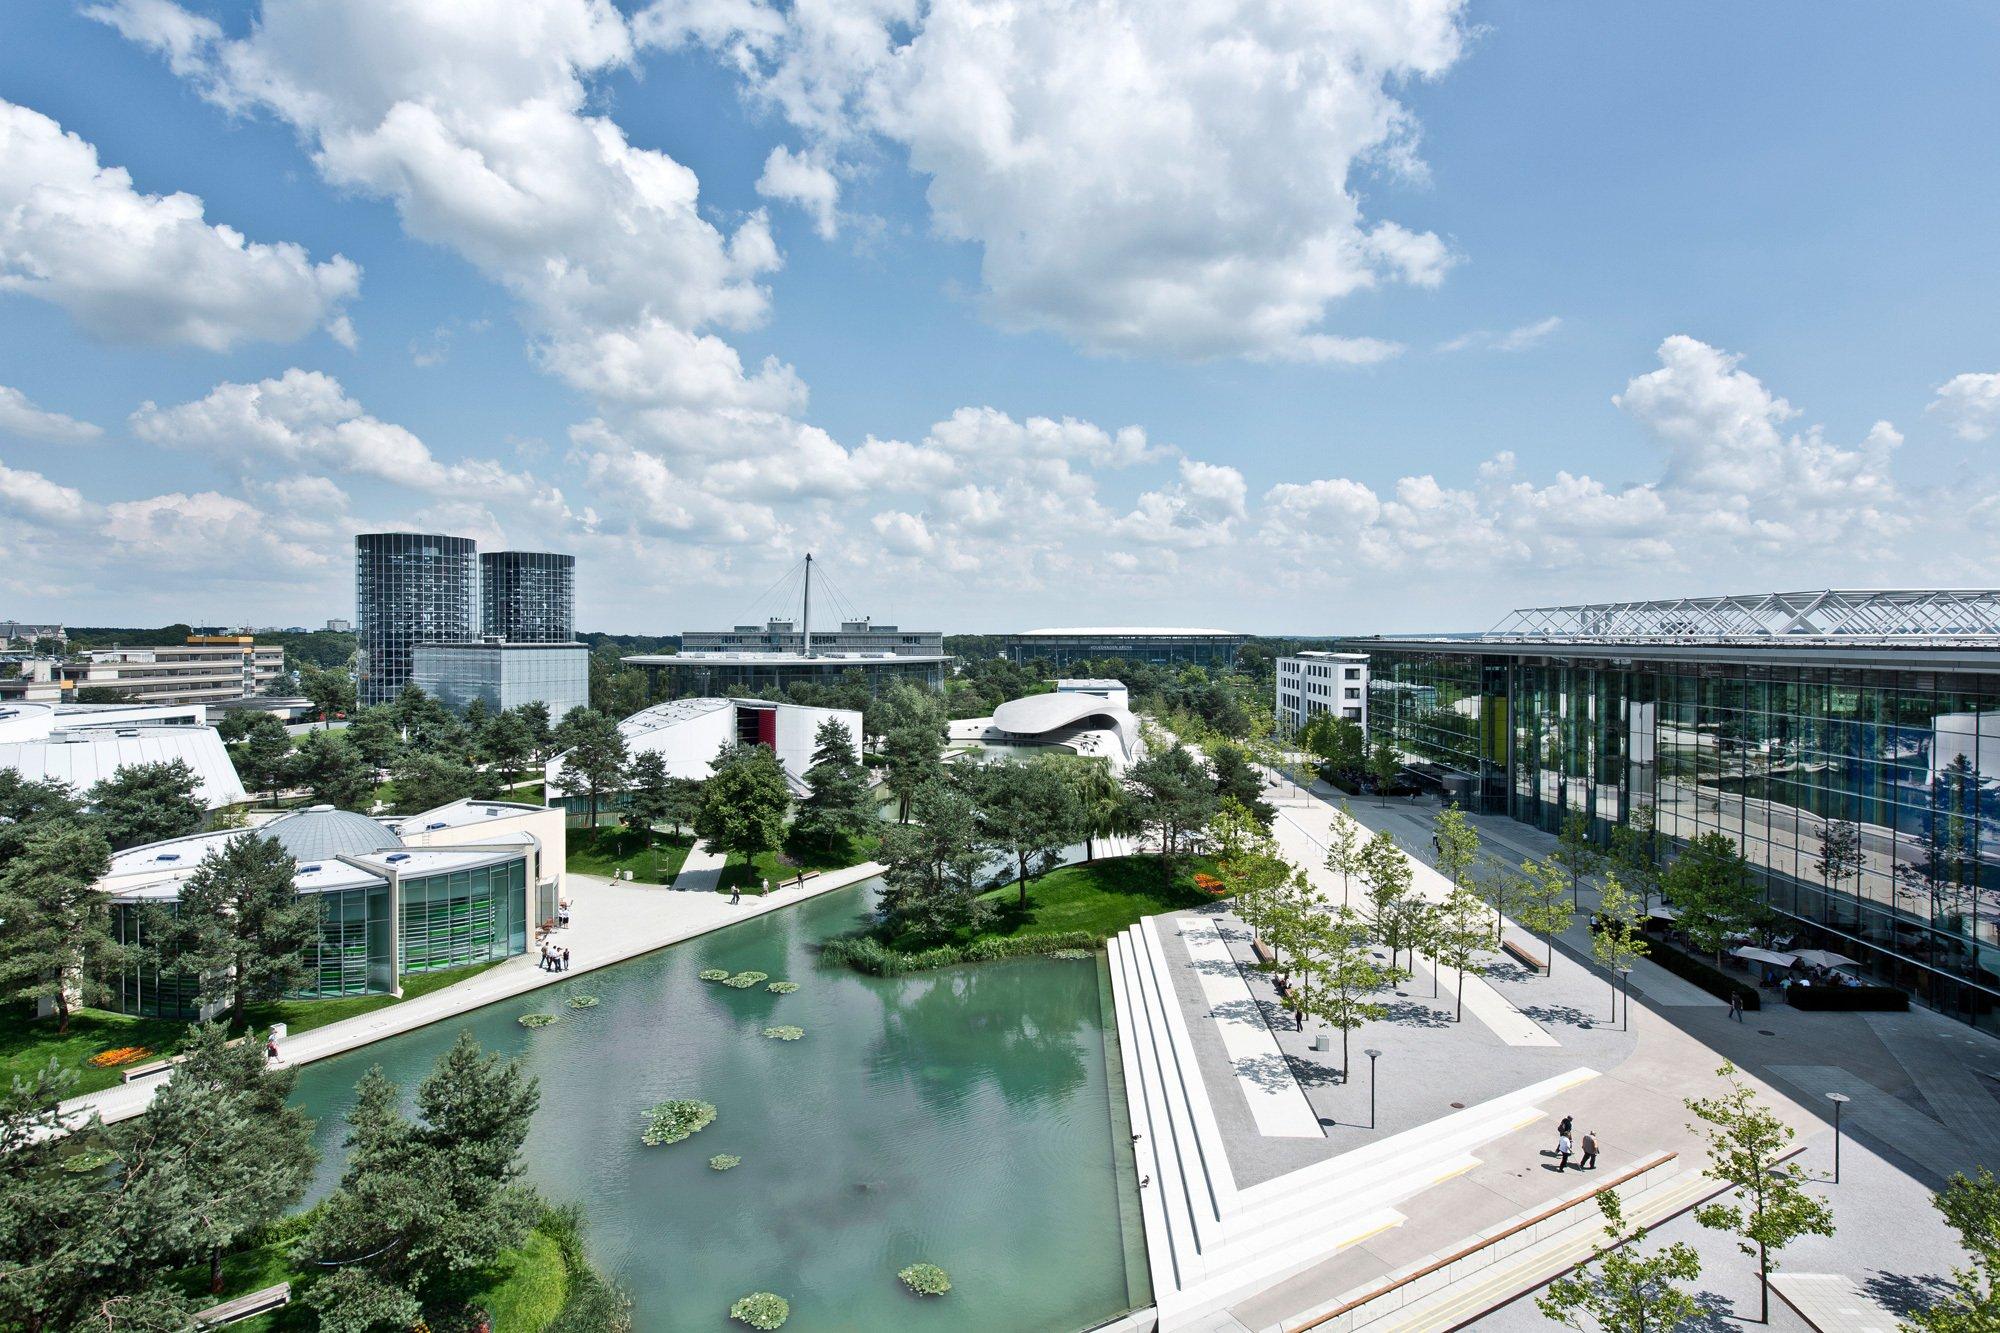 Der Masterplan für die im Juni 2000 eröffnete, Autostadt von Volkswagen in Wolfsburg stammt von Henn Architekten. Die Autostadt befindet sich auf einem 25 Hektar großen Gelände gleich neben dem Volkswagenwerk aus den Dreißigerjahren. Foto/ Copyright: Nils-Hendrik Müller